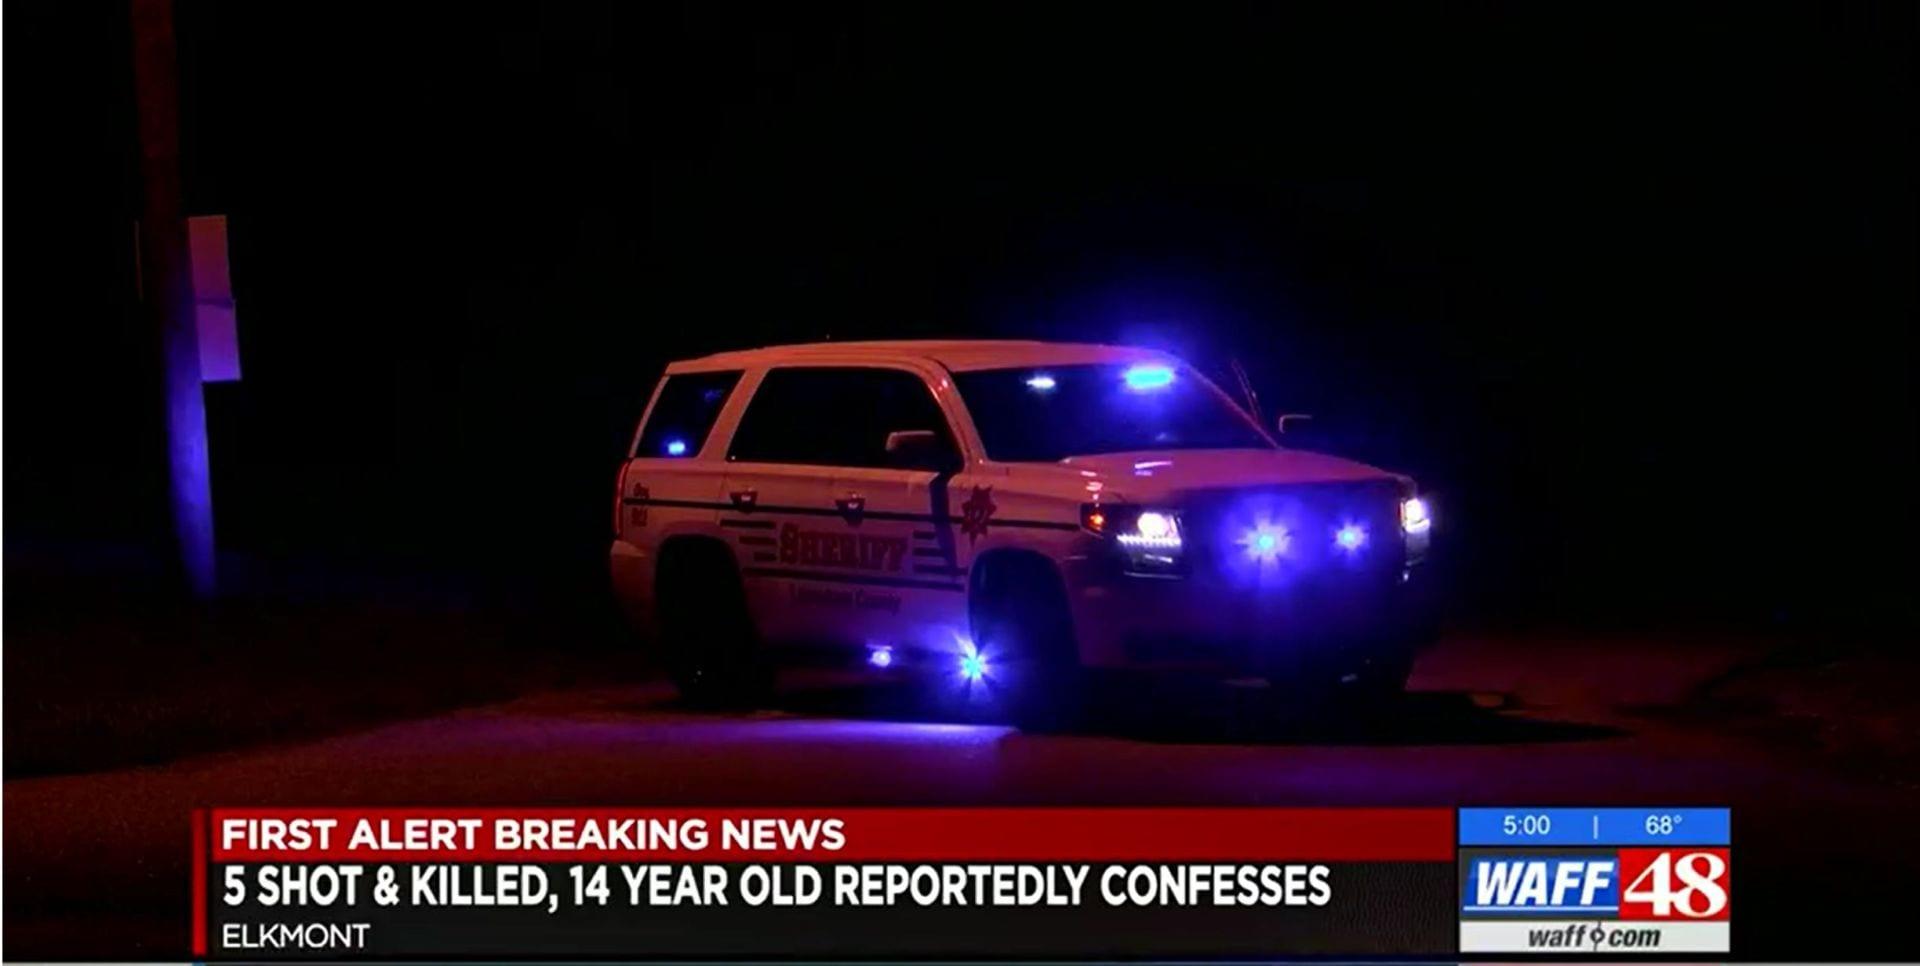 Thiếu niên 14 tuổi ở Alabama bắn chết cả 5 người trong gia đình